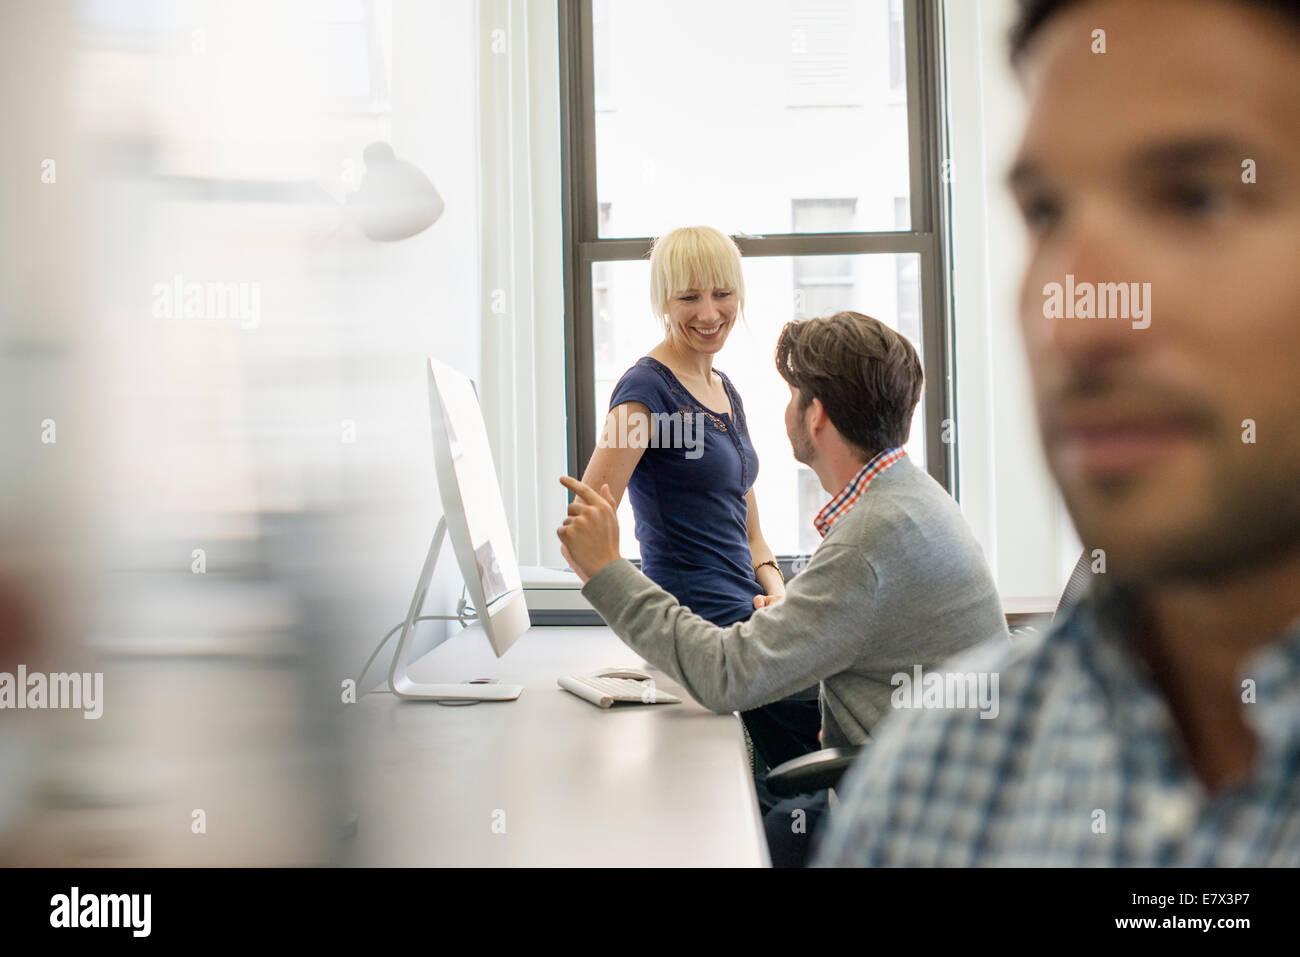 Drei Kollegen in ein Büro, zwei reden und einen Stand die Tür hören. Stockbild